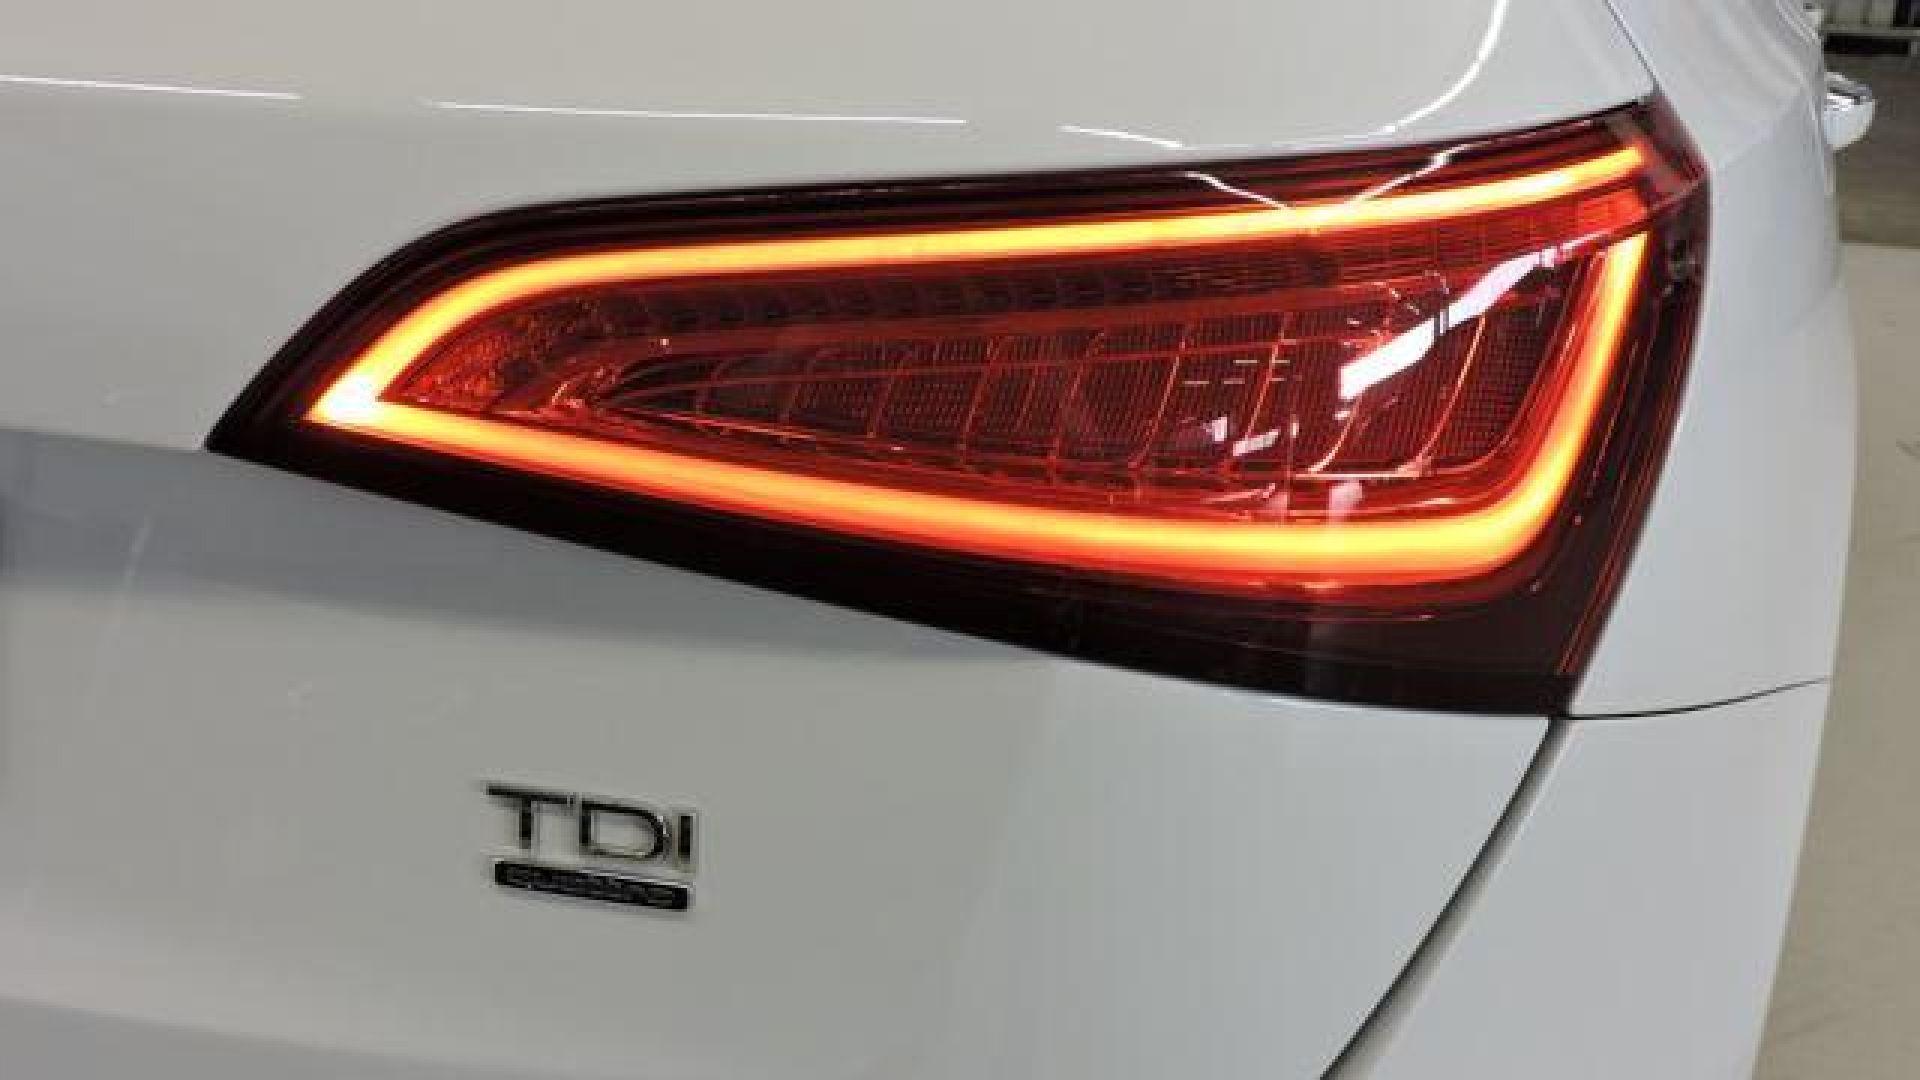 Audi Q5 2.0 TDI clean 190CV quatt S tro Advanced